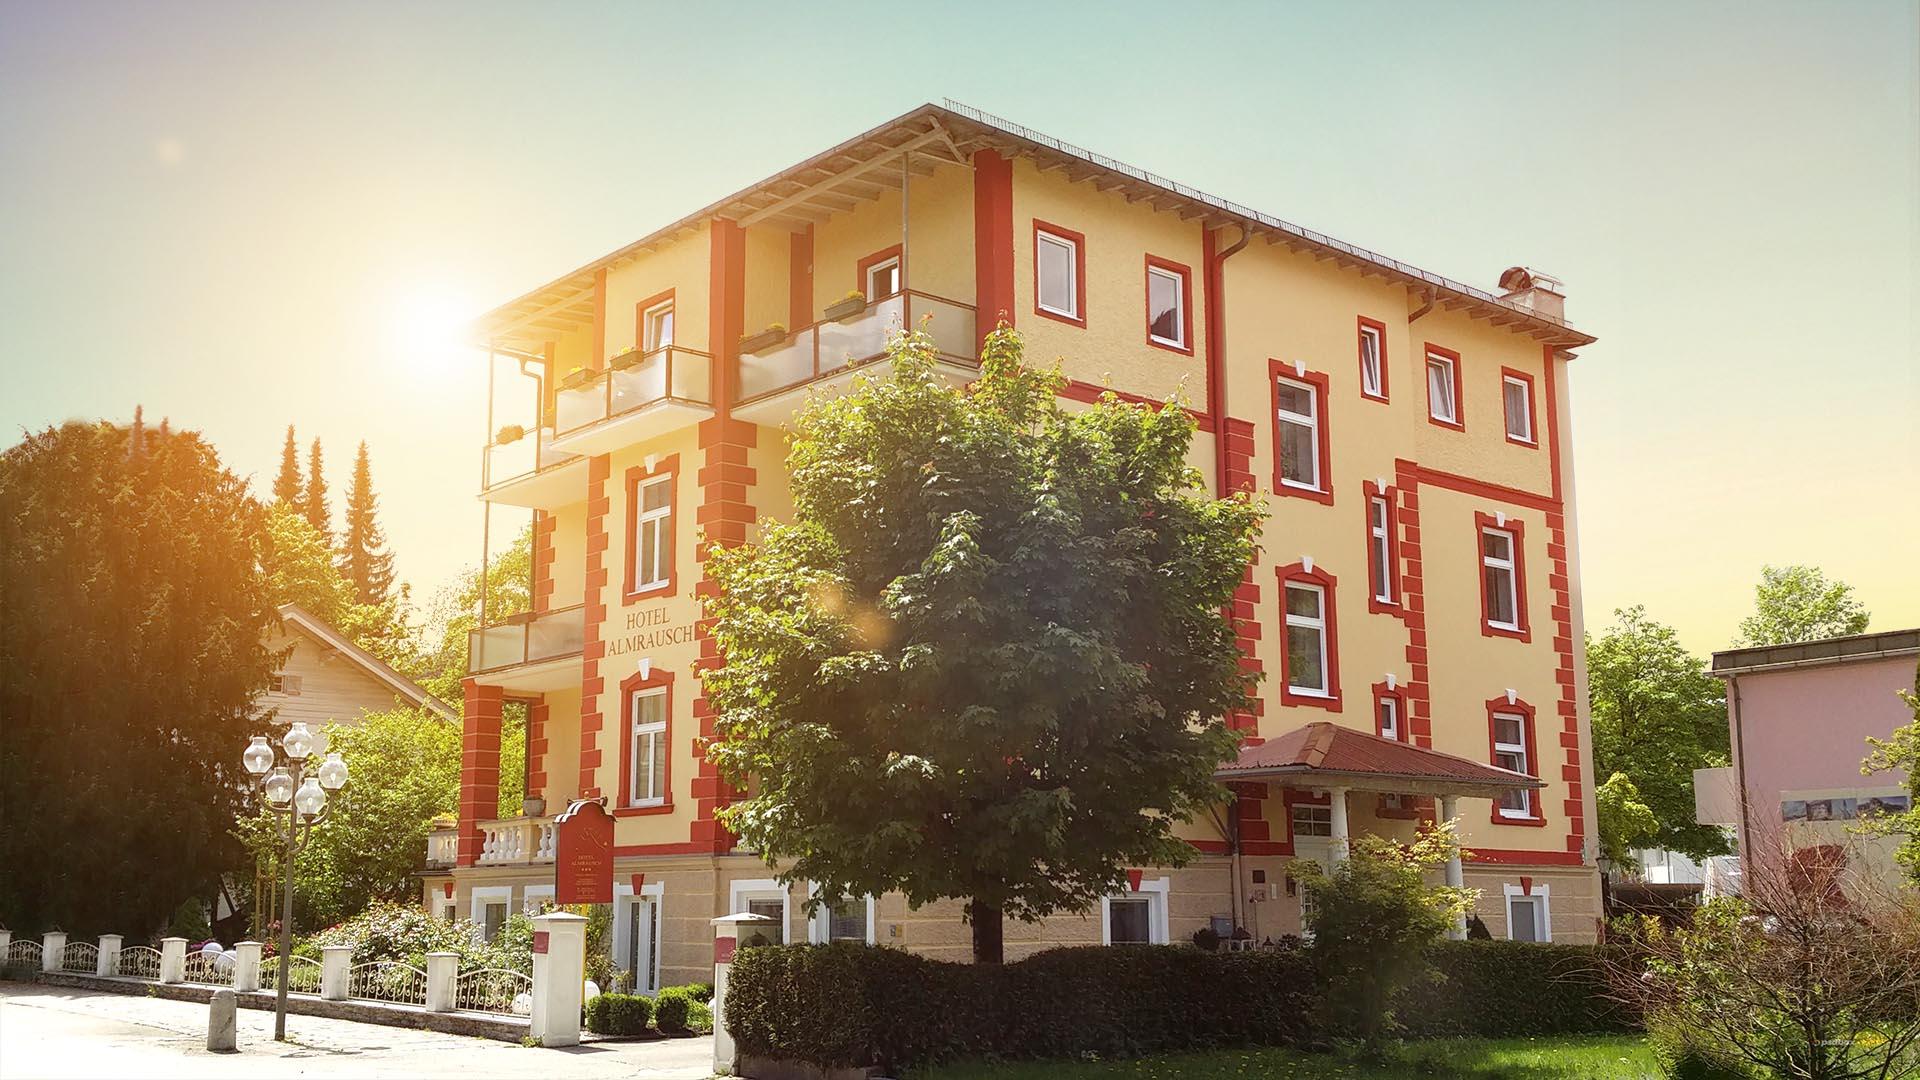 Vorderansicht des Hotels im schönen Bad Reichenhall